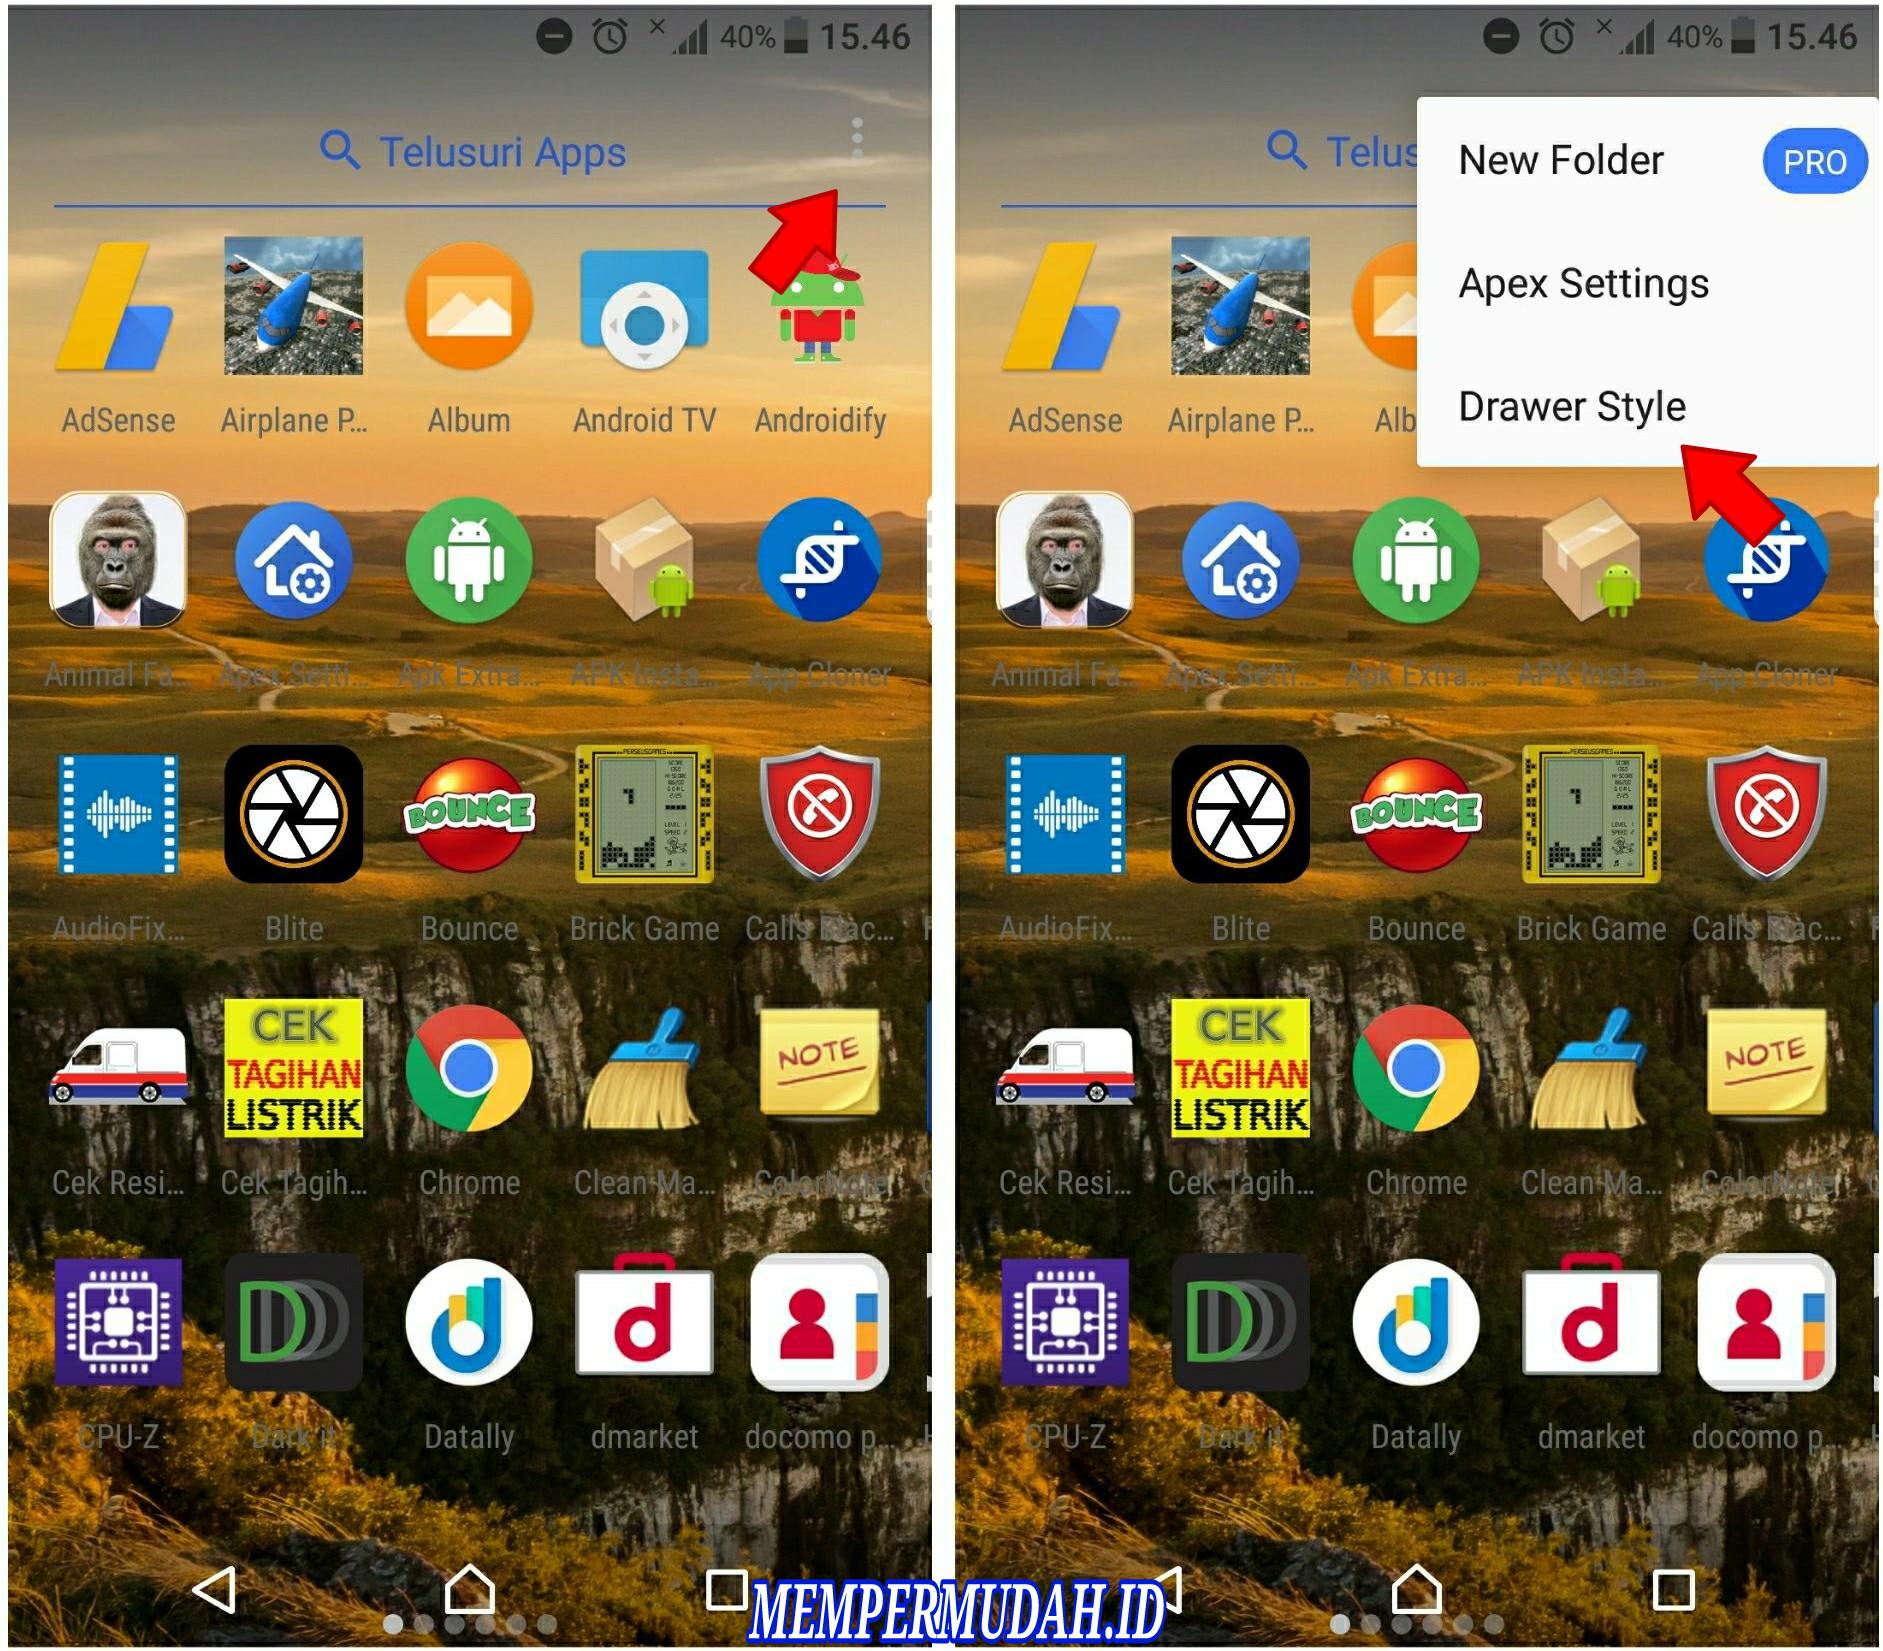 Cara Mengetahui Aplikasi Yang Baru Di Install Pada Hp Android Mempermudah Id Mempermudah Id